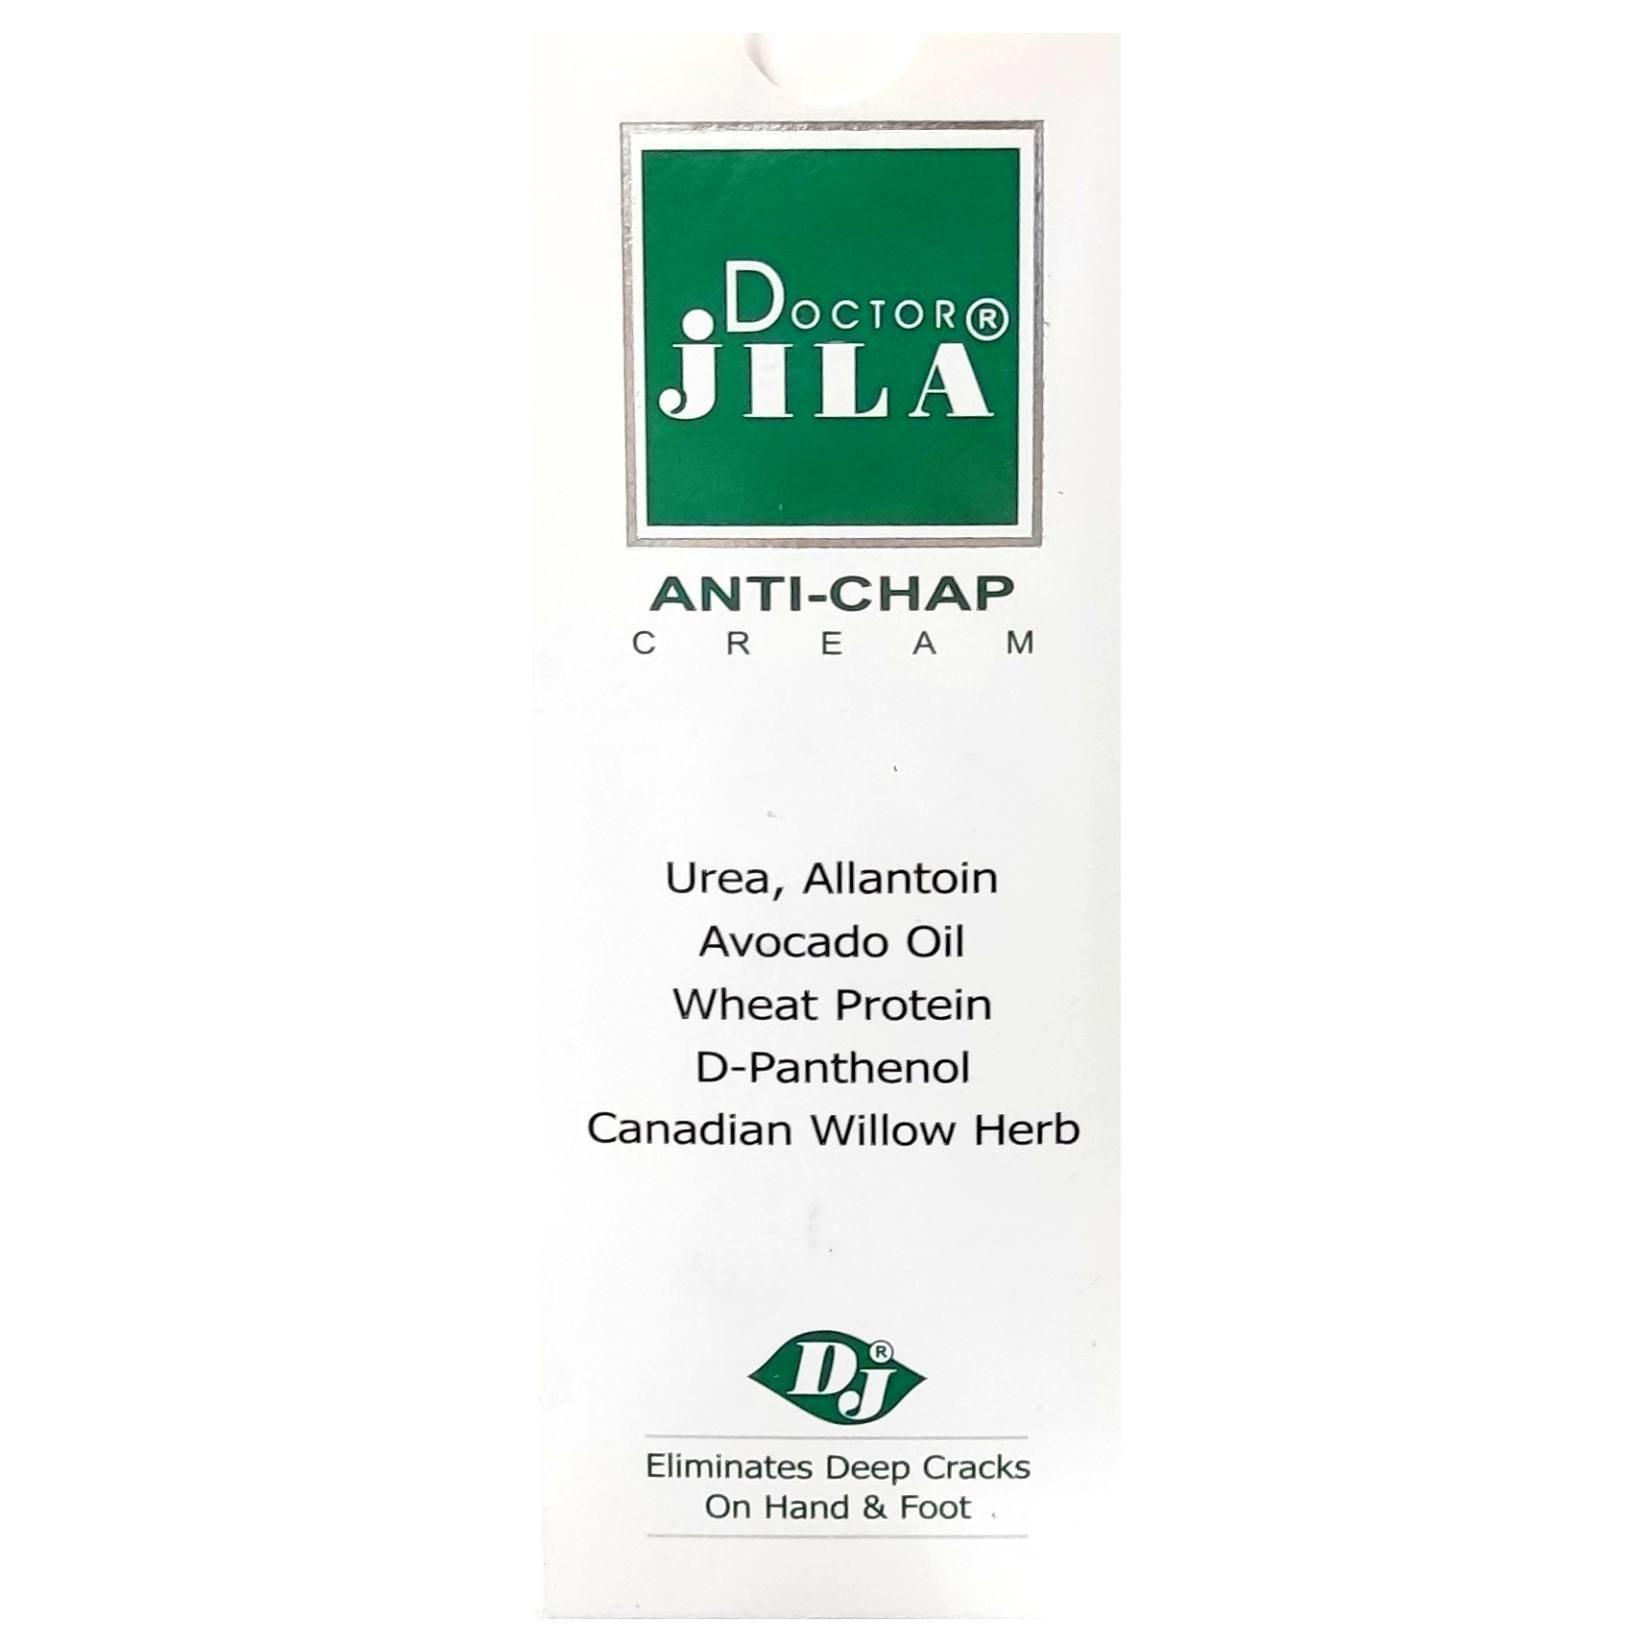 تصویر کرم ترک دست و پا دکتر ژیلا ا Doctor Jila Anti Chap Cream Doctor Jila Anti Chap Cream